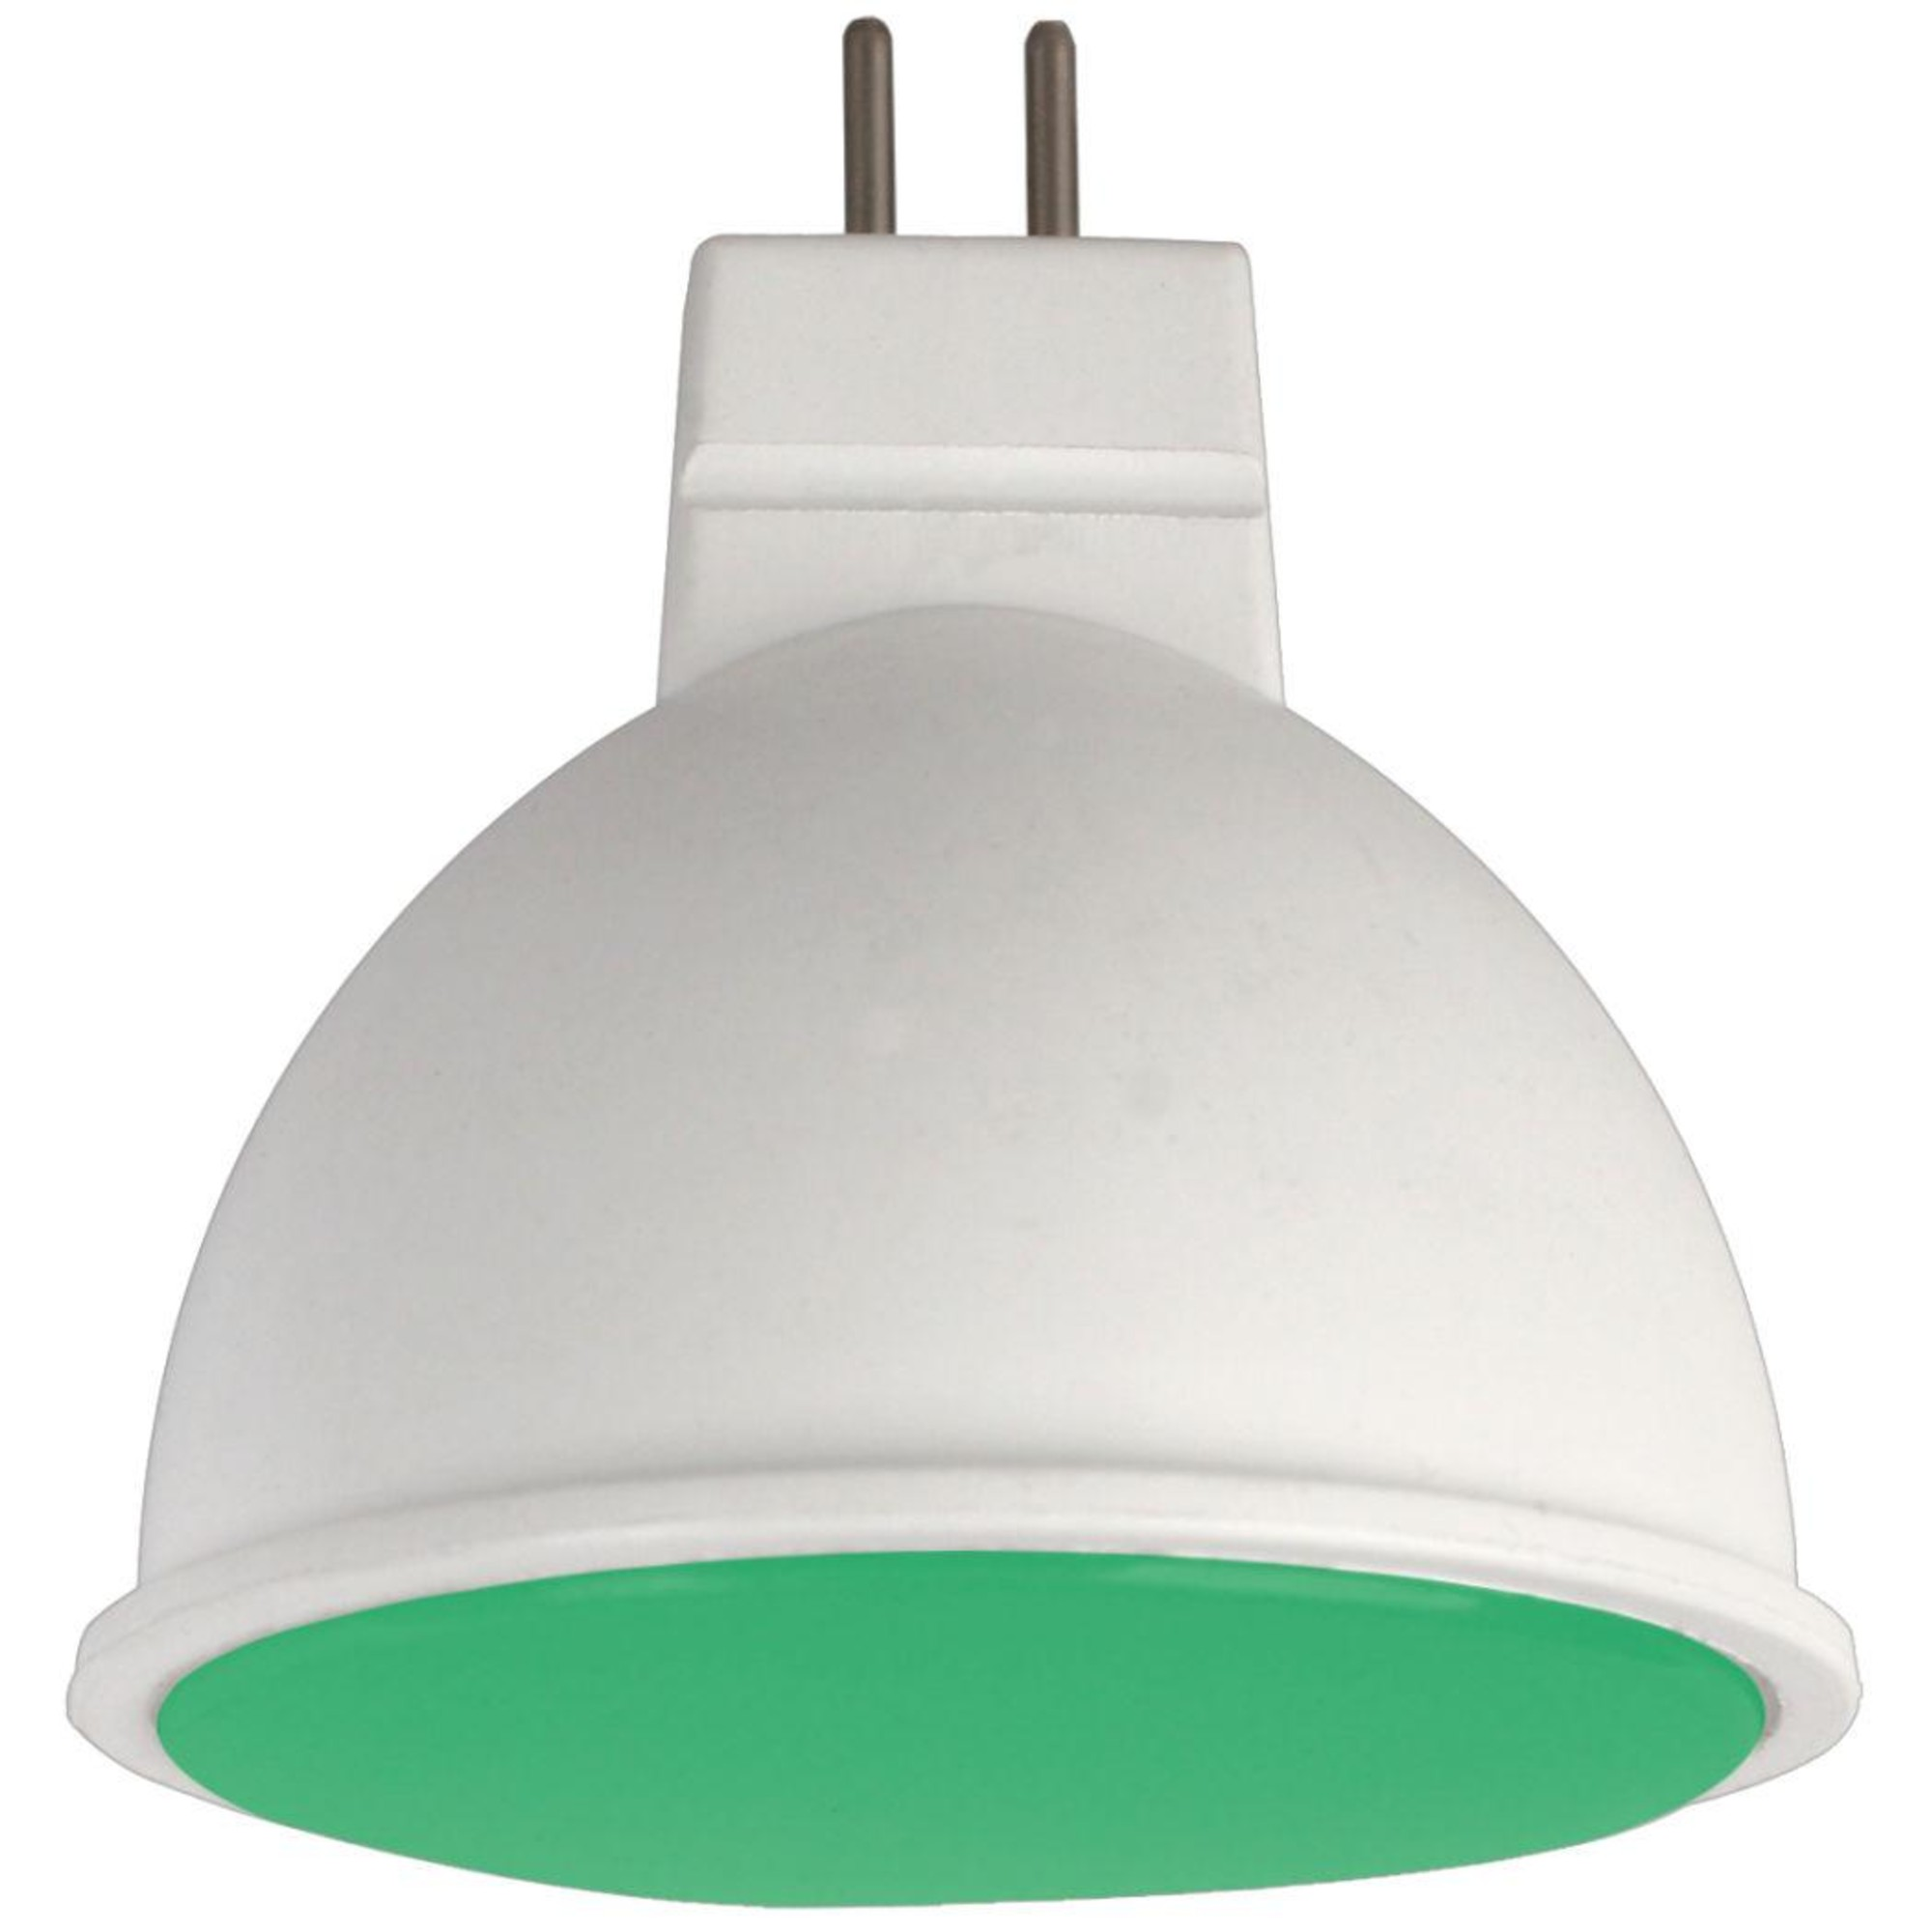 Лампа Ecola стандарт светодионая GU5.3 7 Вт рефлекторная 560 Лм нейтральный свет